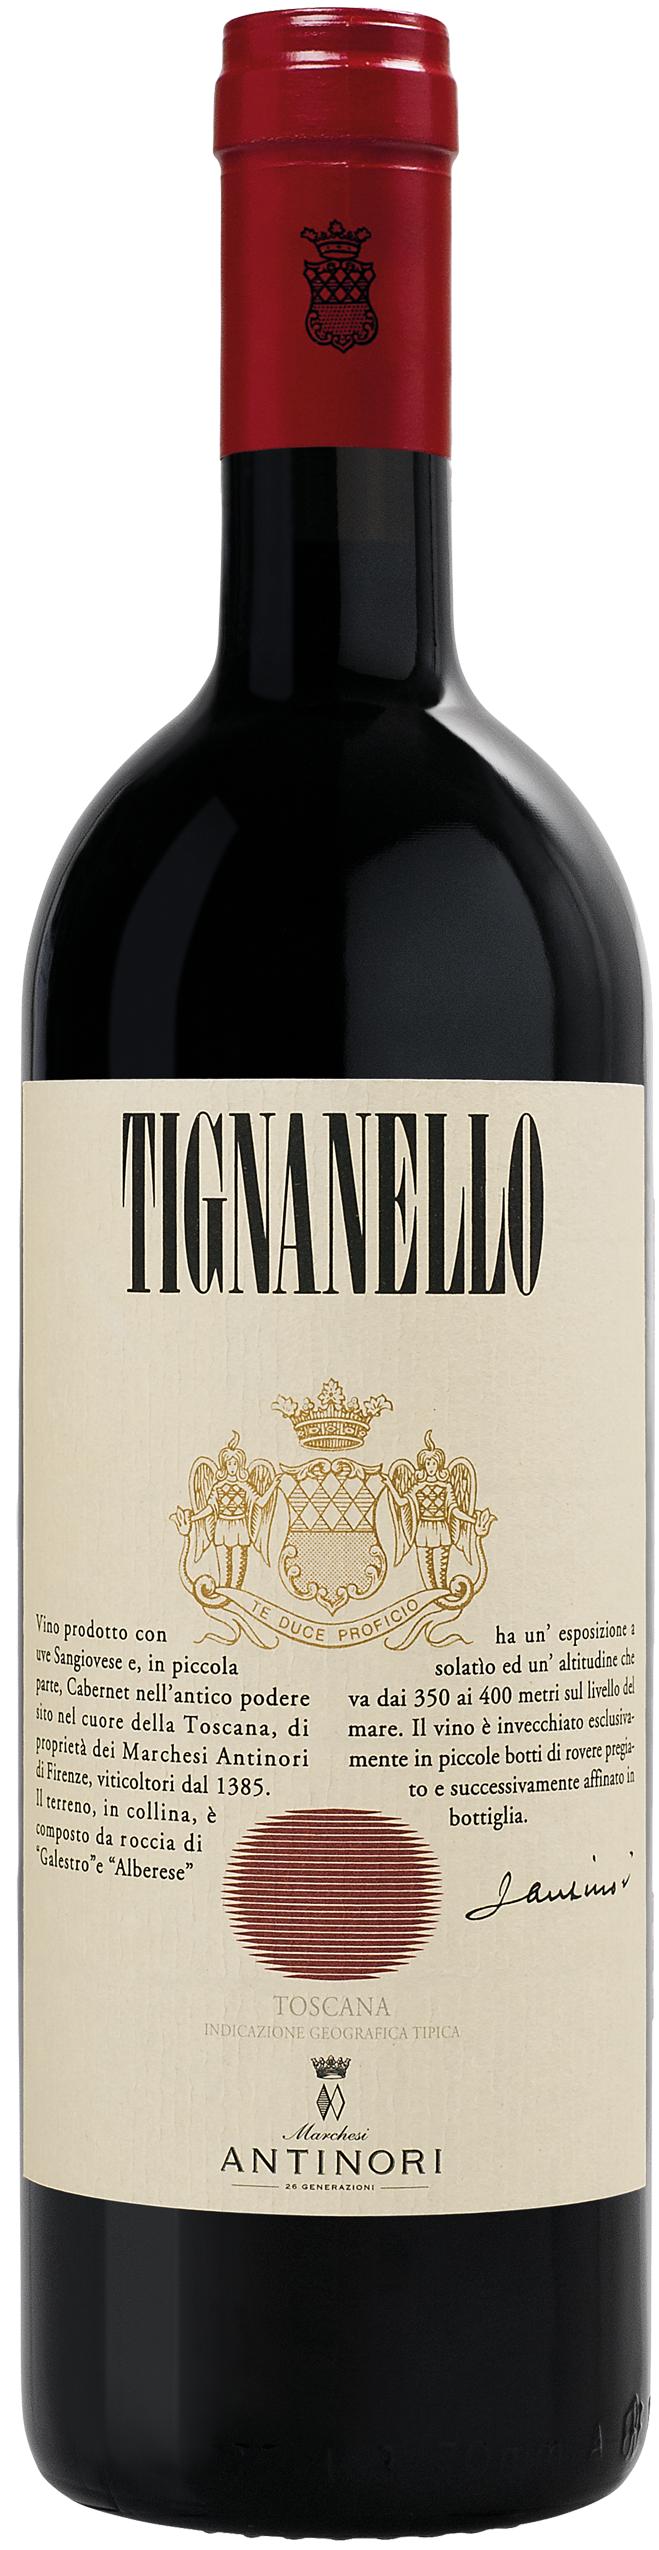 Antinori Tignanello 2016